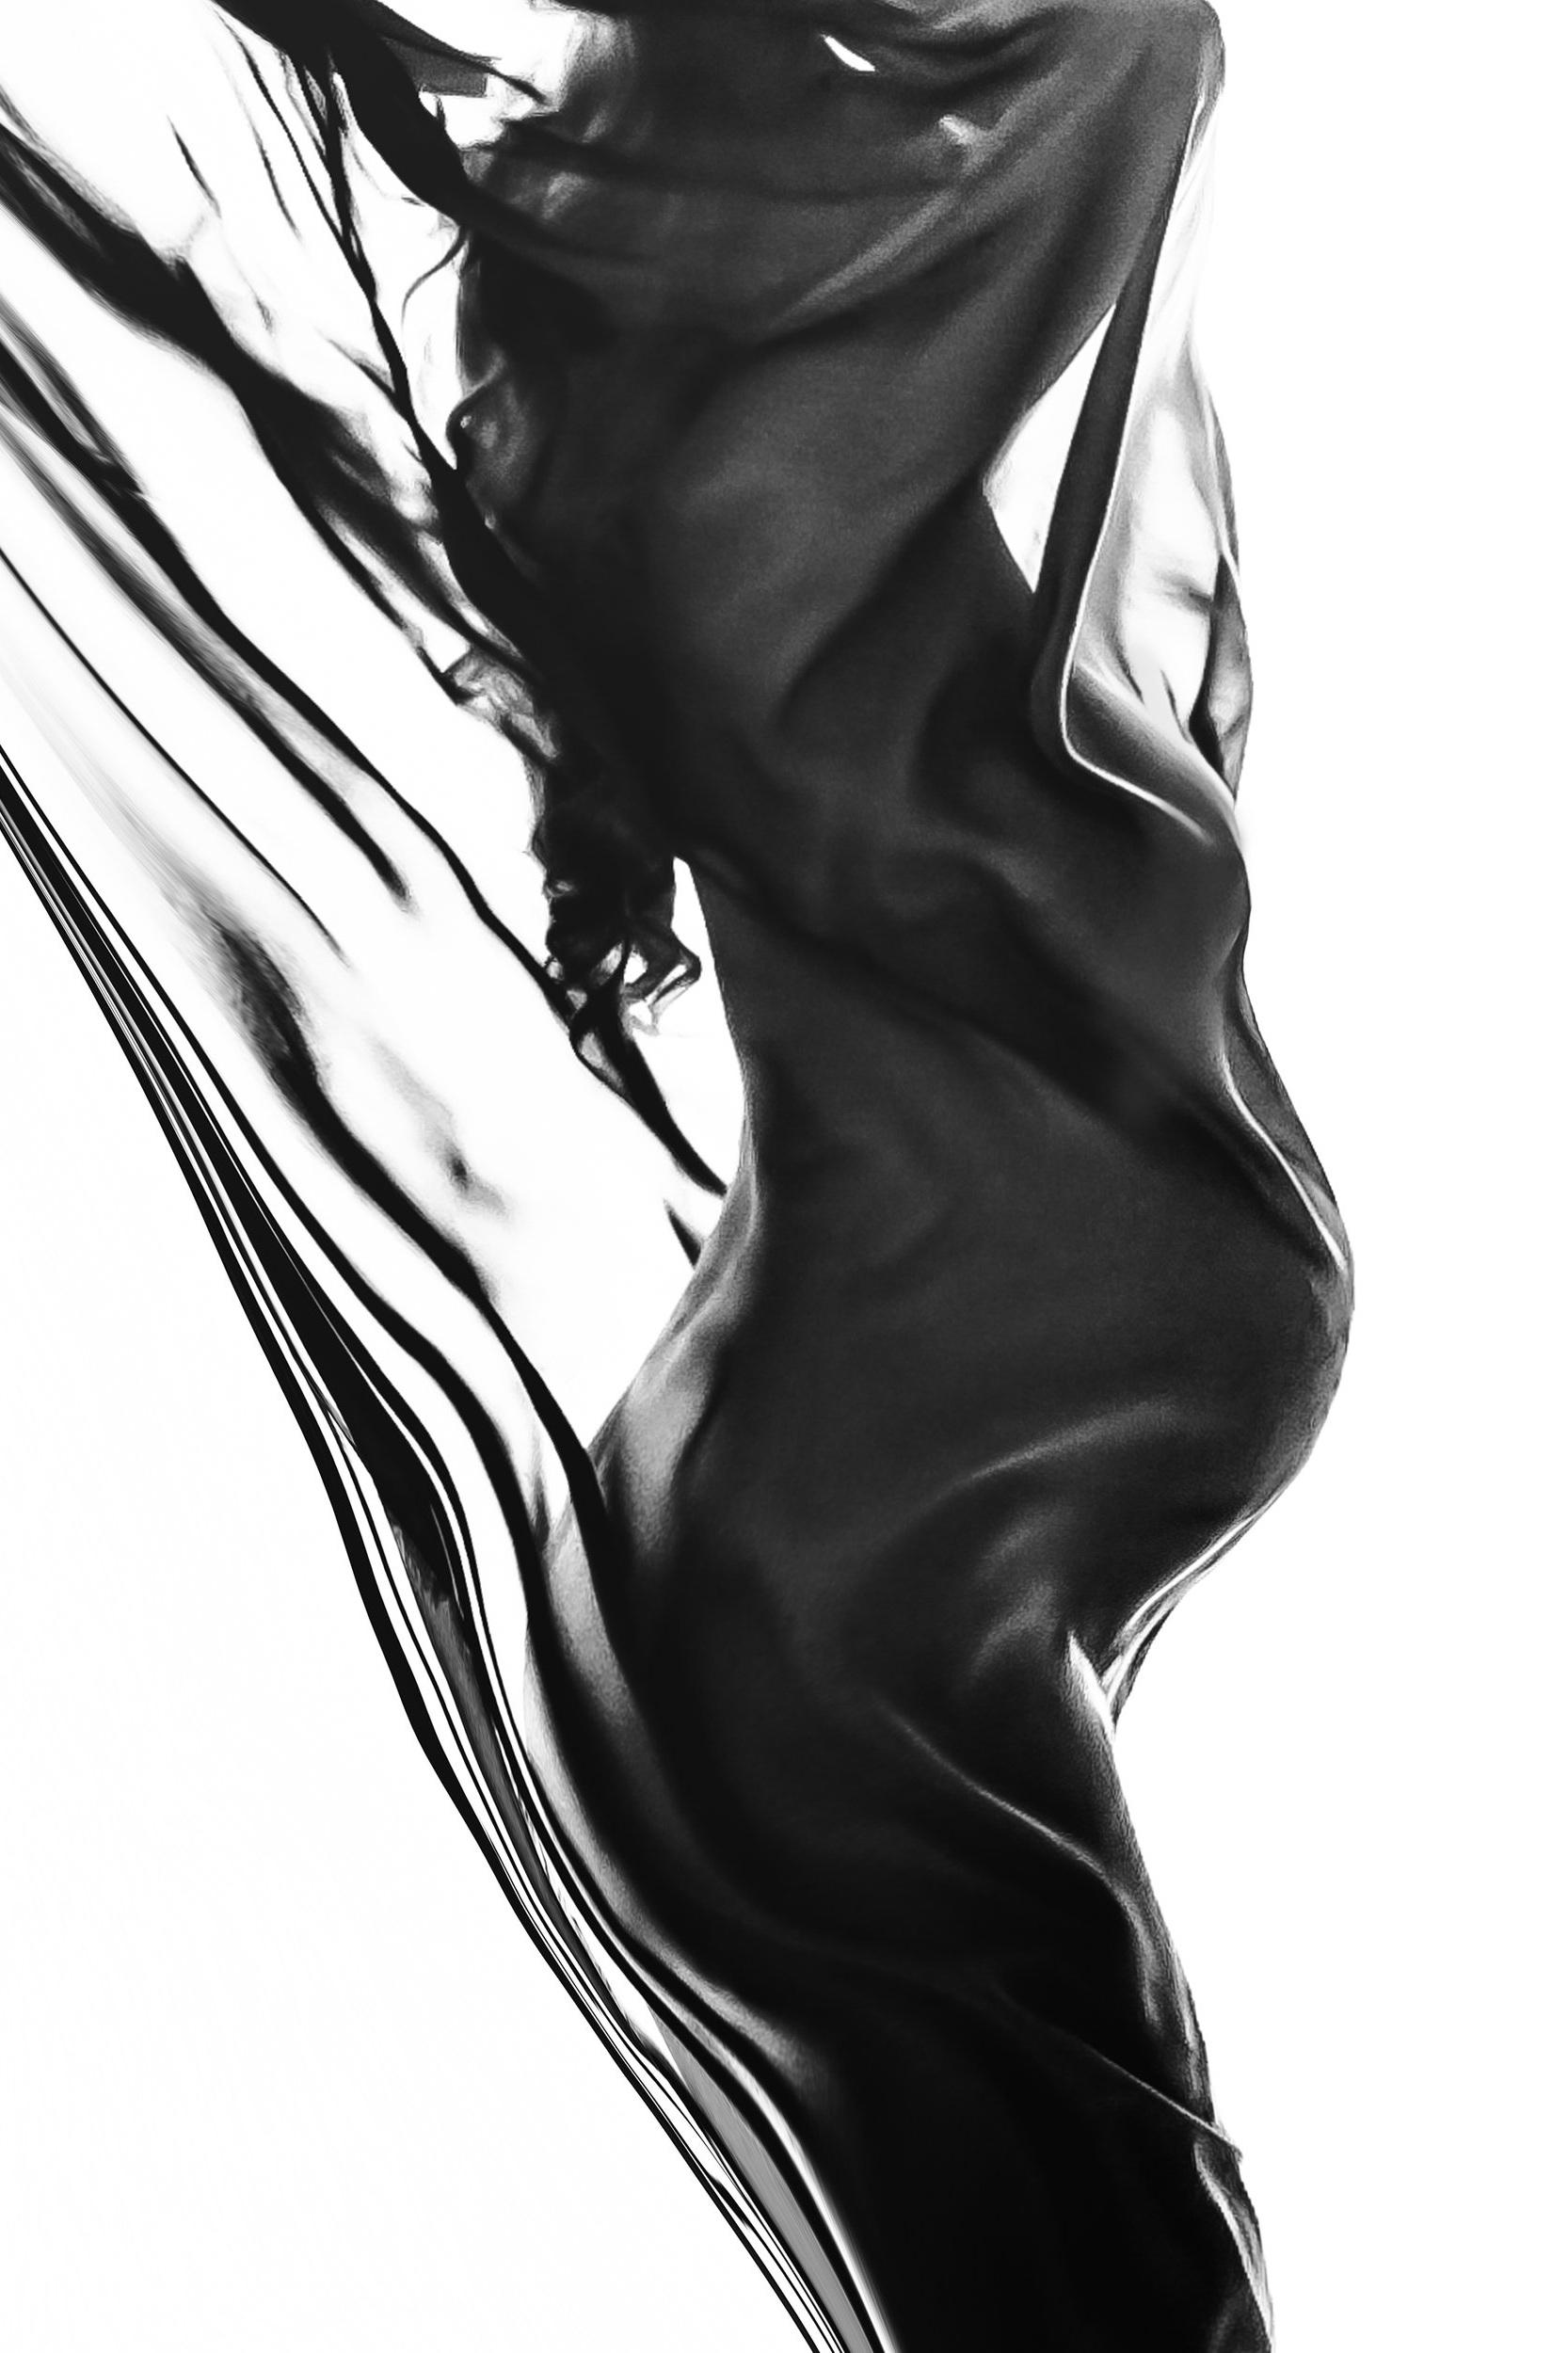 BLACK & WHITE / LOW LIGHT MATERNITY